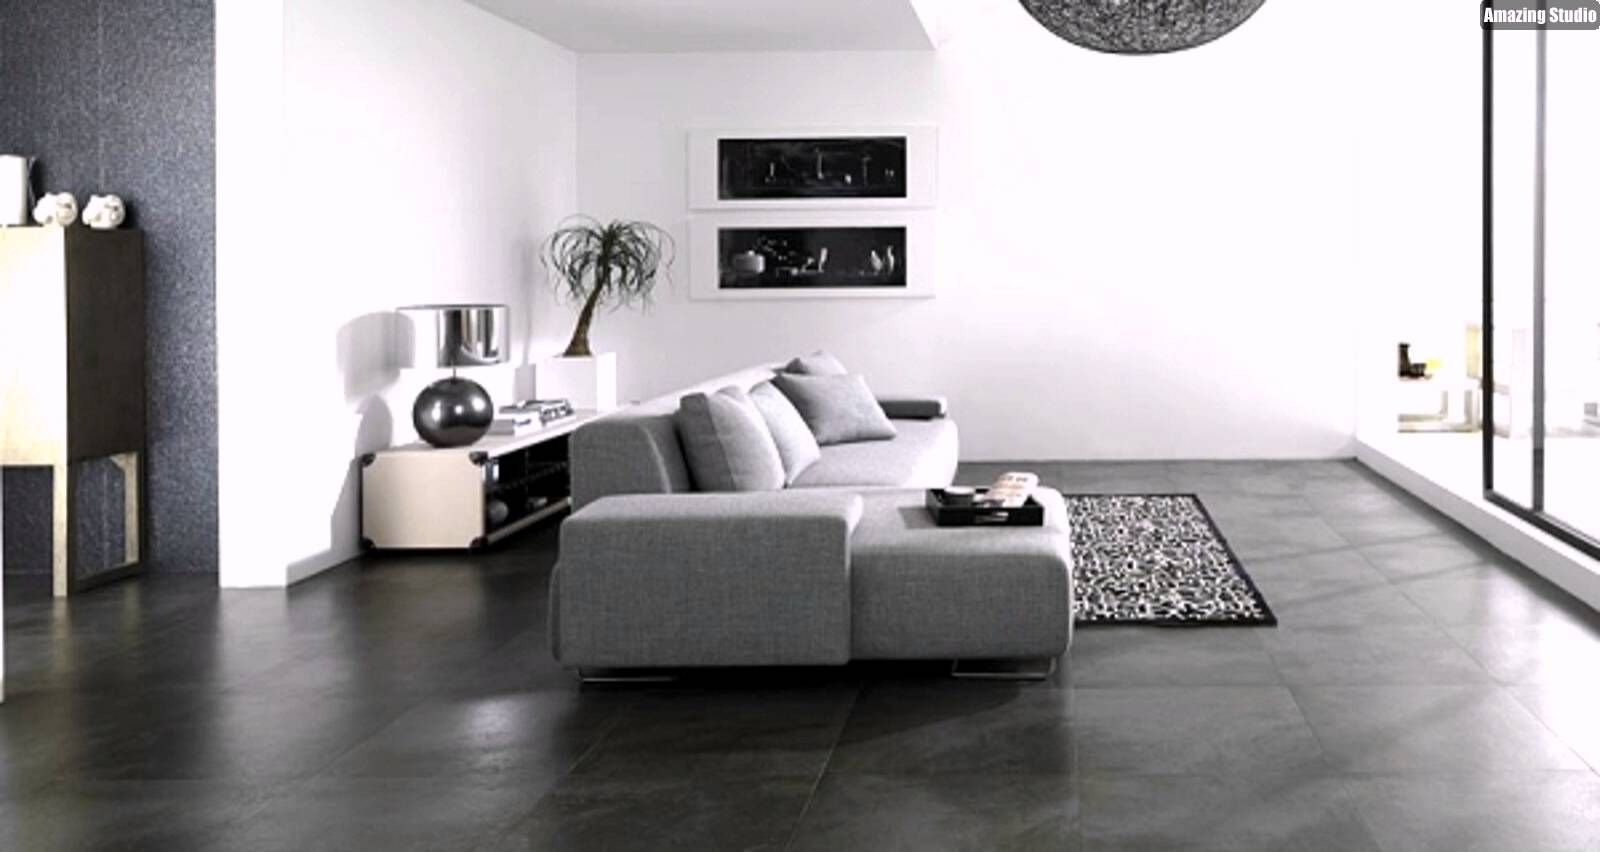 Wandgestaltung Wohnzimmer Ideen Youtube Wohnzimmer Wandgestaltung